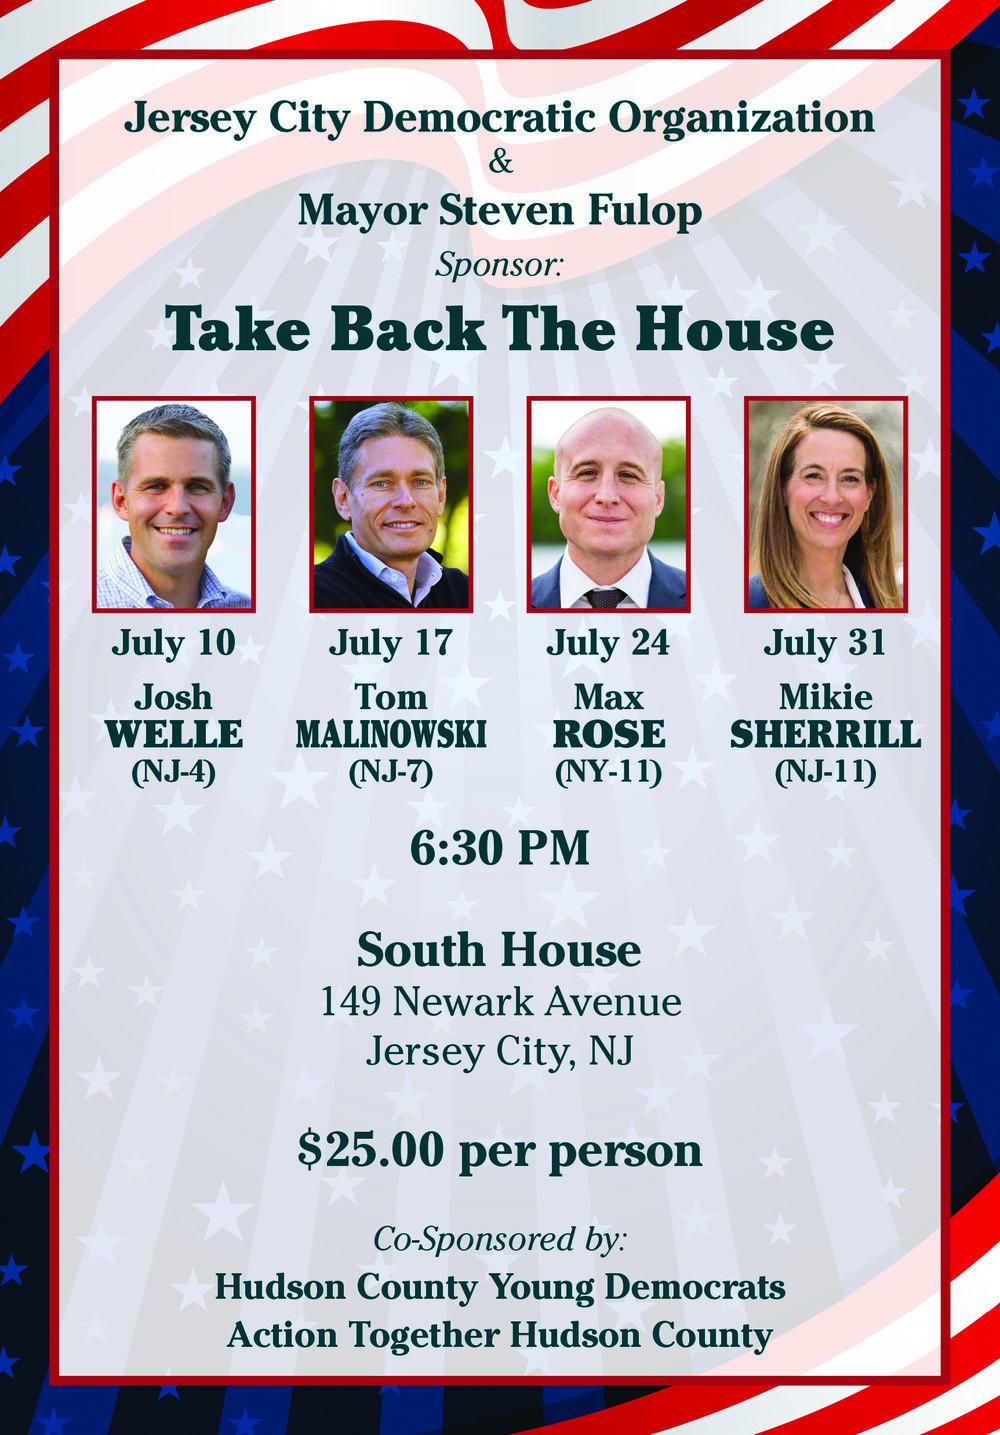 flip the house flyer.jpeg